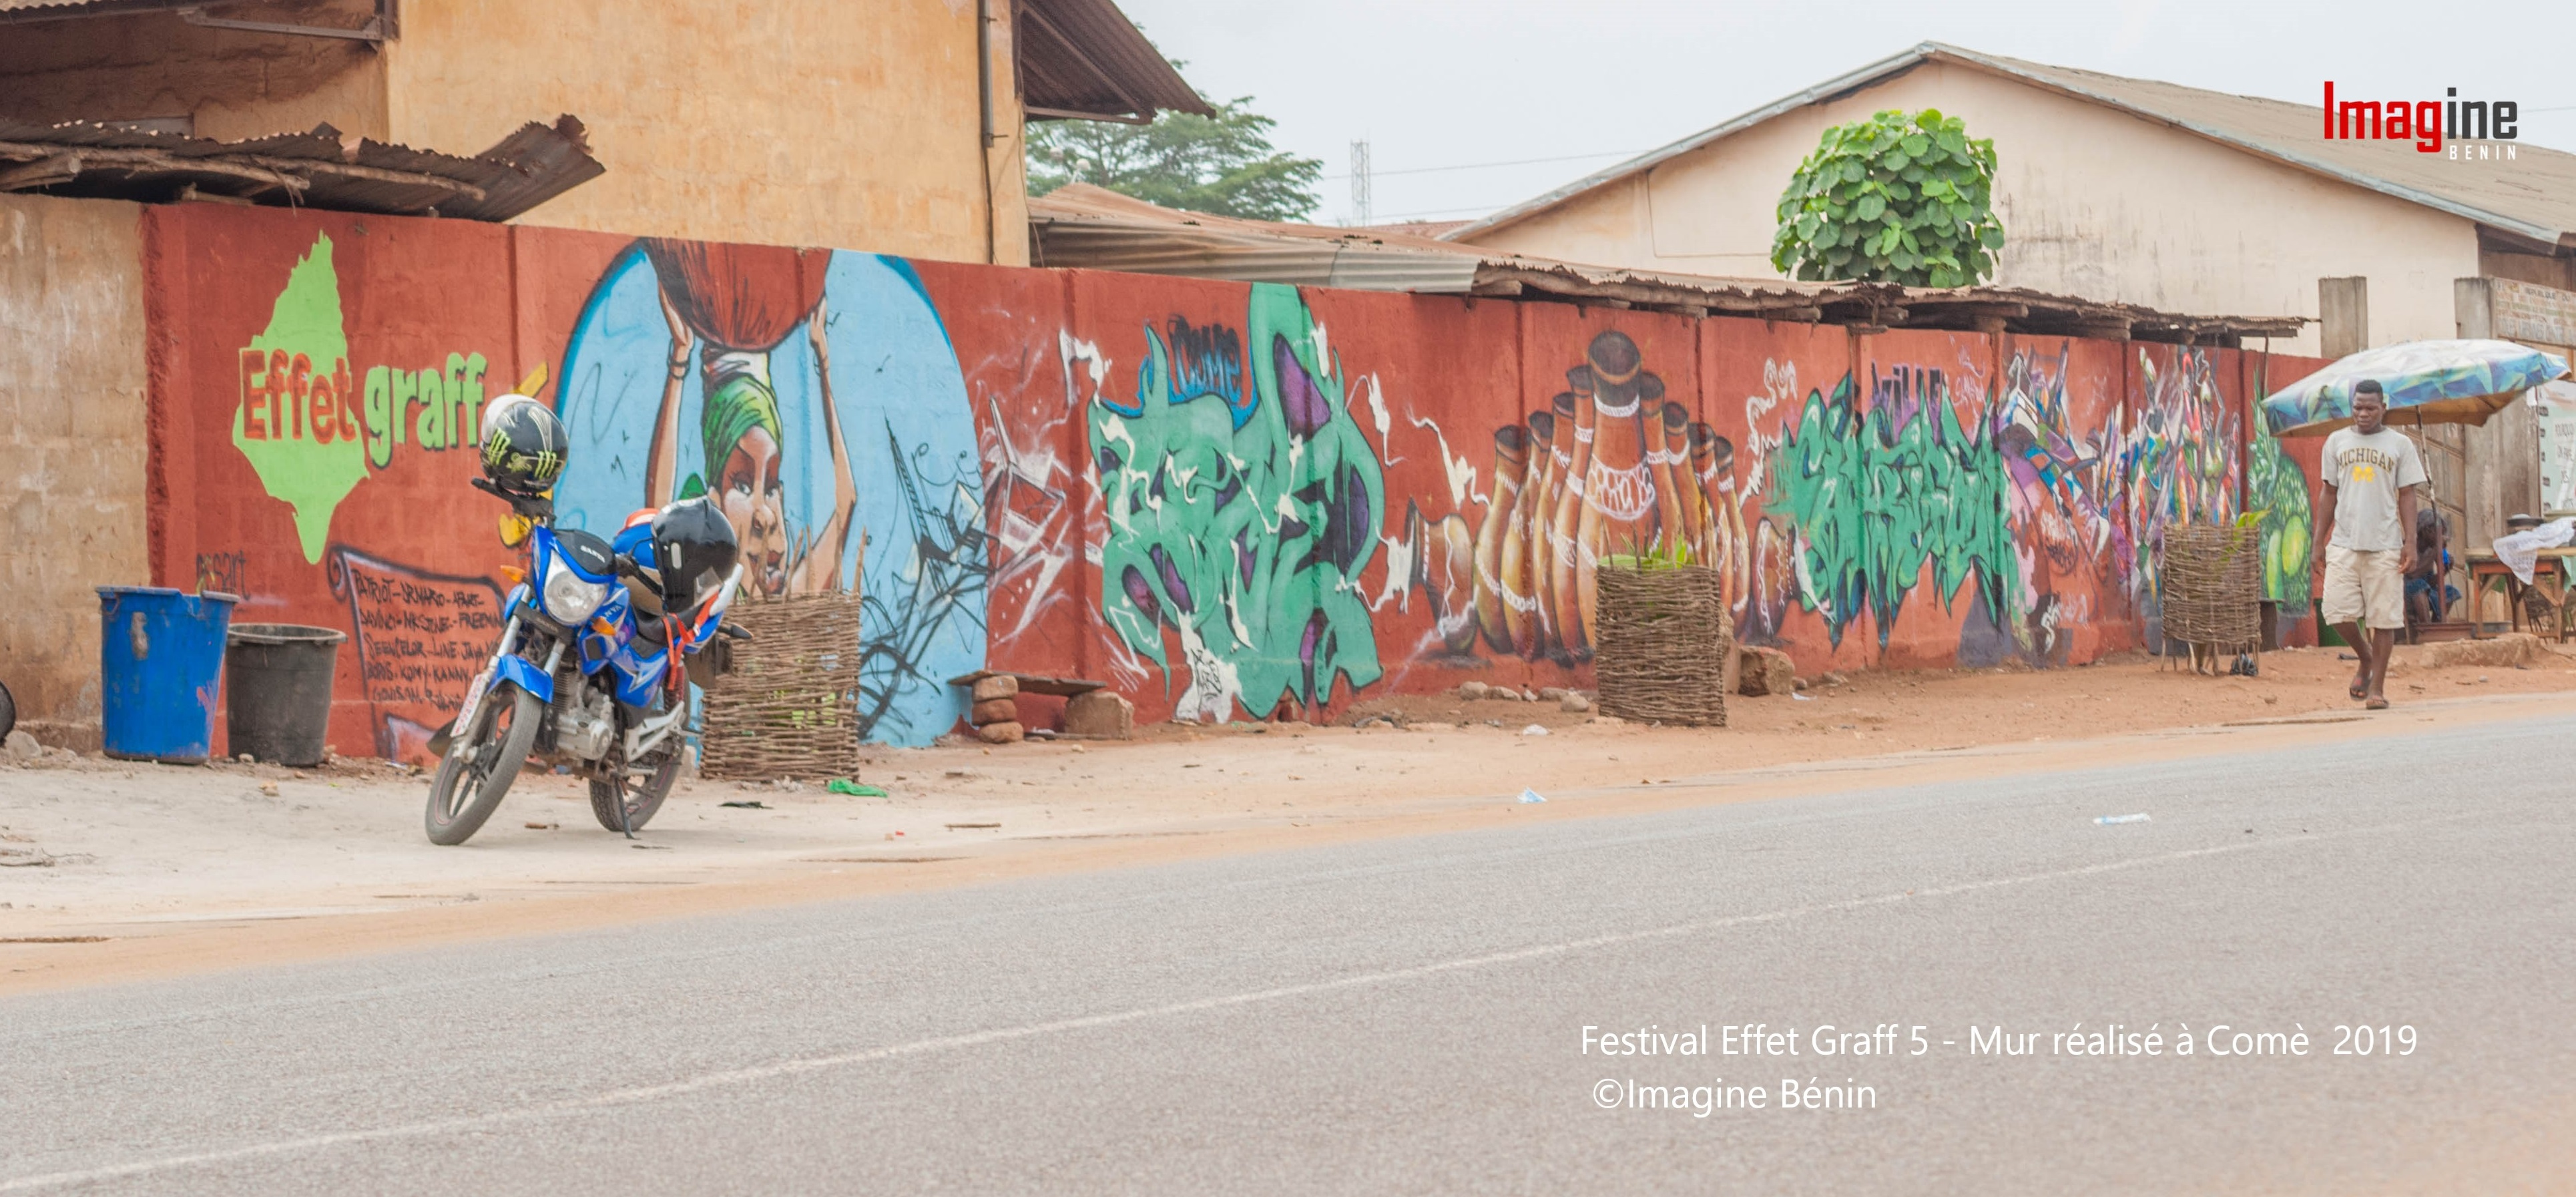 Festival Effet Graff 5 - Mur réalisé à Comè - 2019 - ©Imagine Bénin